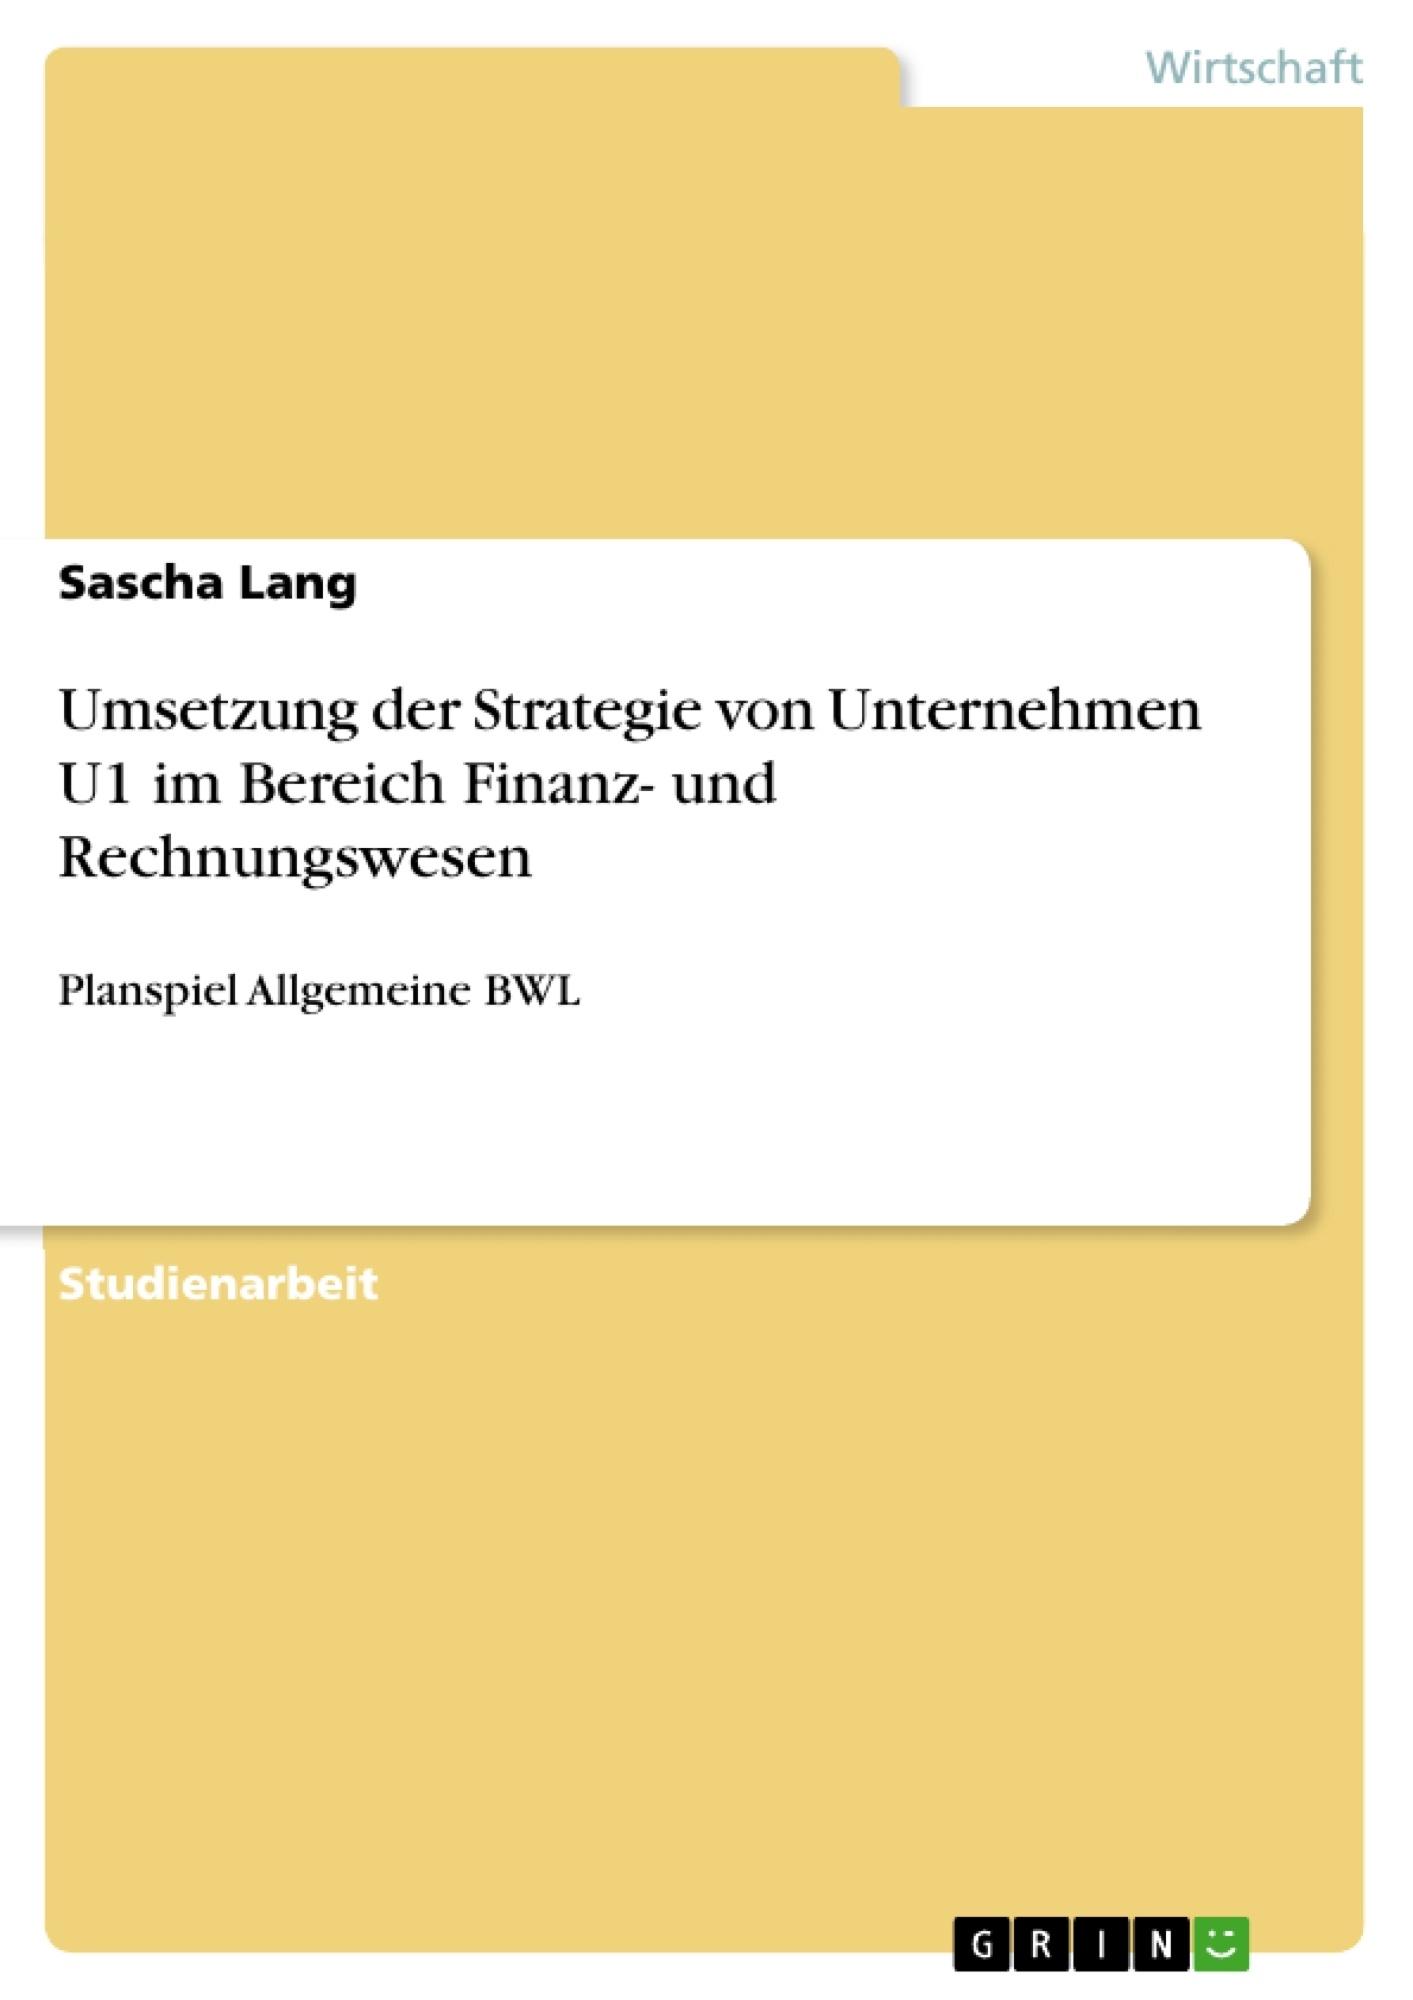 Titel: Umsetzung der Strategie von Unternehmen U1 im Bereich Finanz- und Rechnungswesen